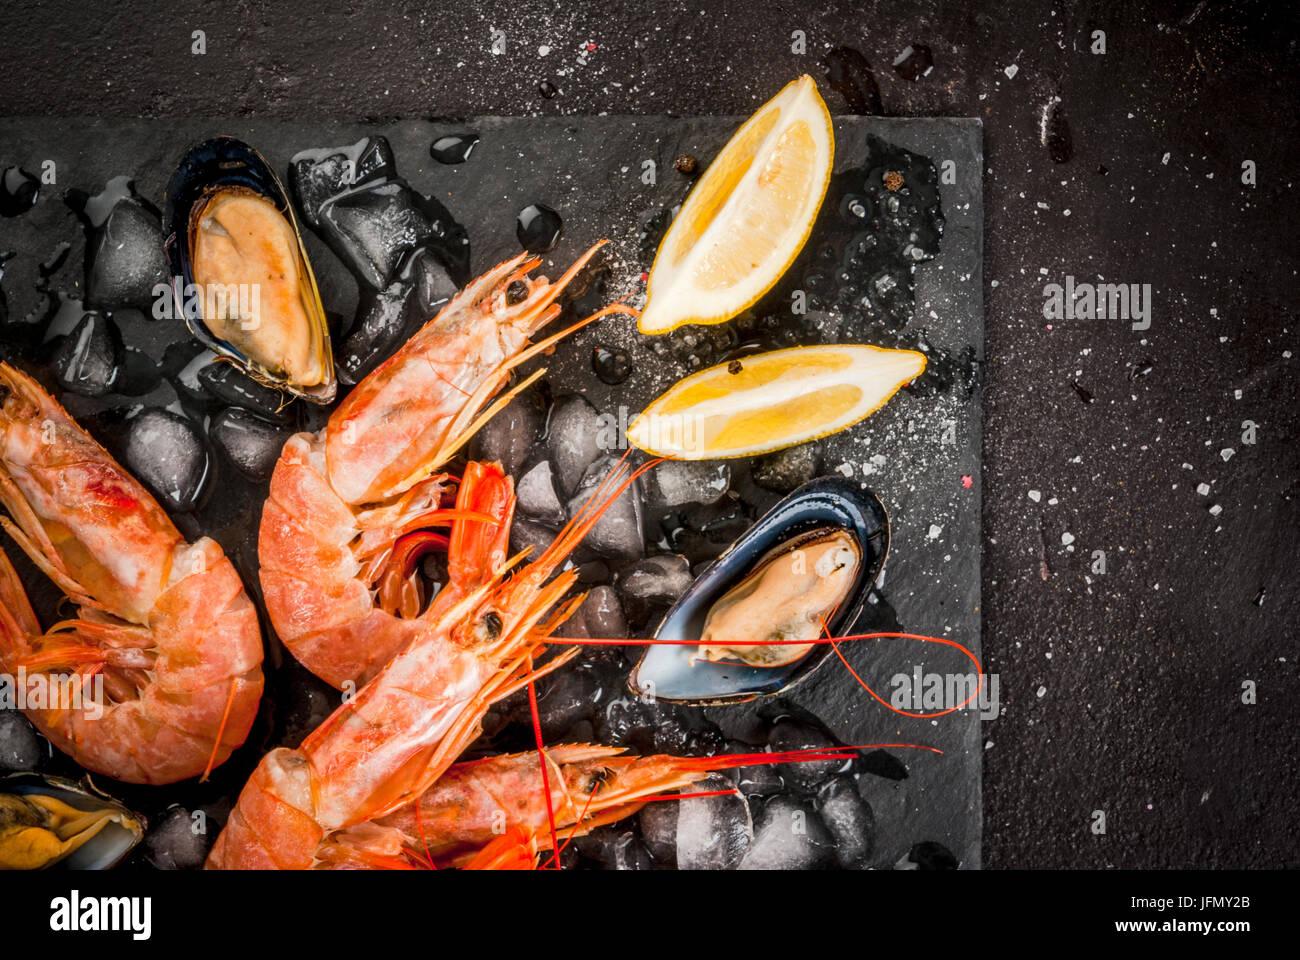 Préparé pour le dîner de cuisine fruits de mer - crevettes et moules sur la glace, sur une plaque Photo Stock